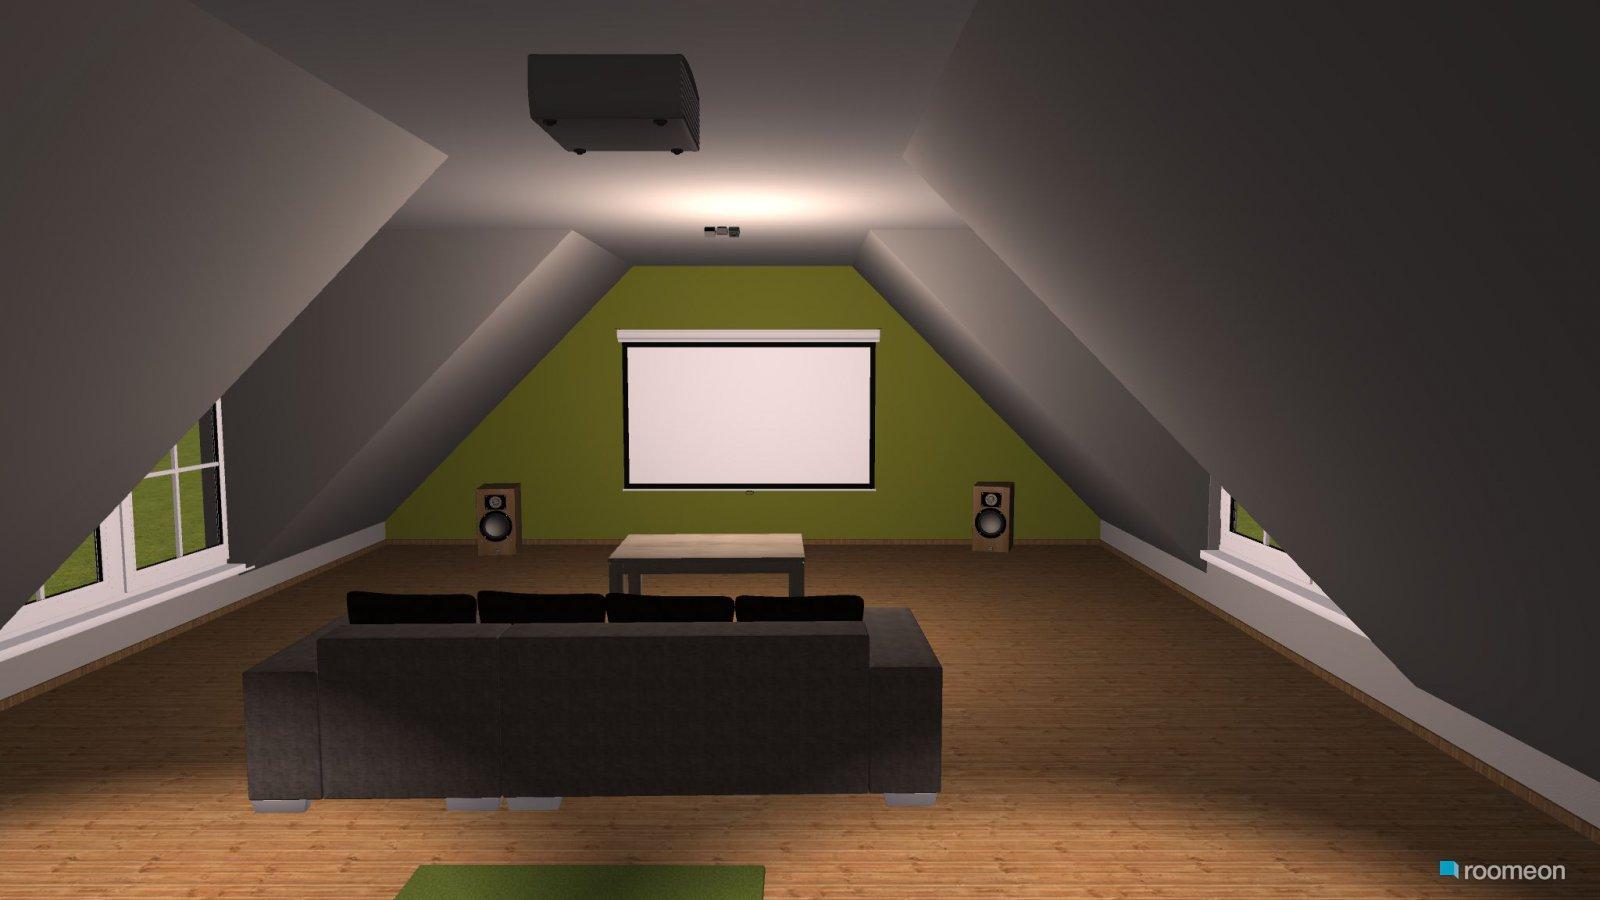 Wunderbar Dachboden Foto Von Raumgestaltung Licht In Der Kategorie Veranstaltungshalle